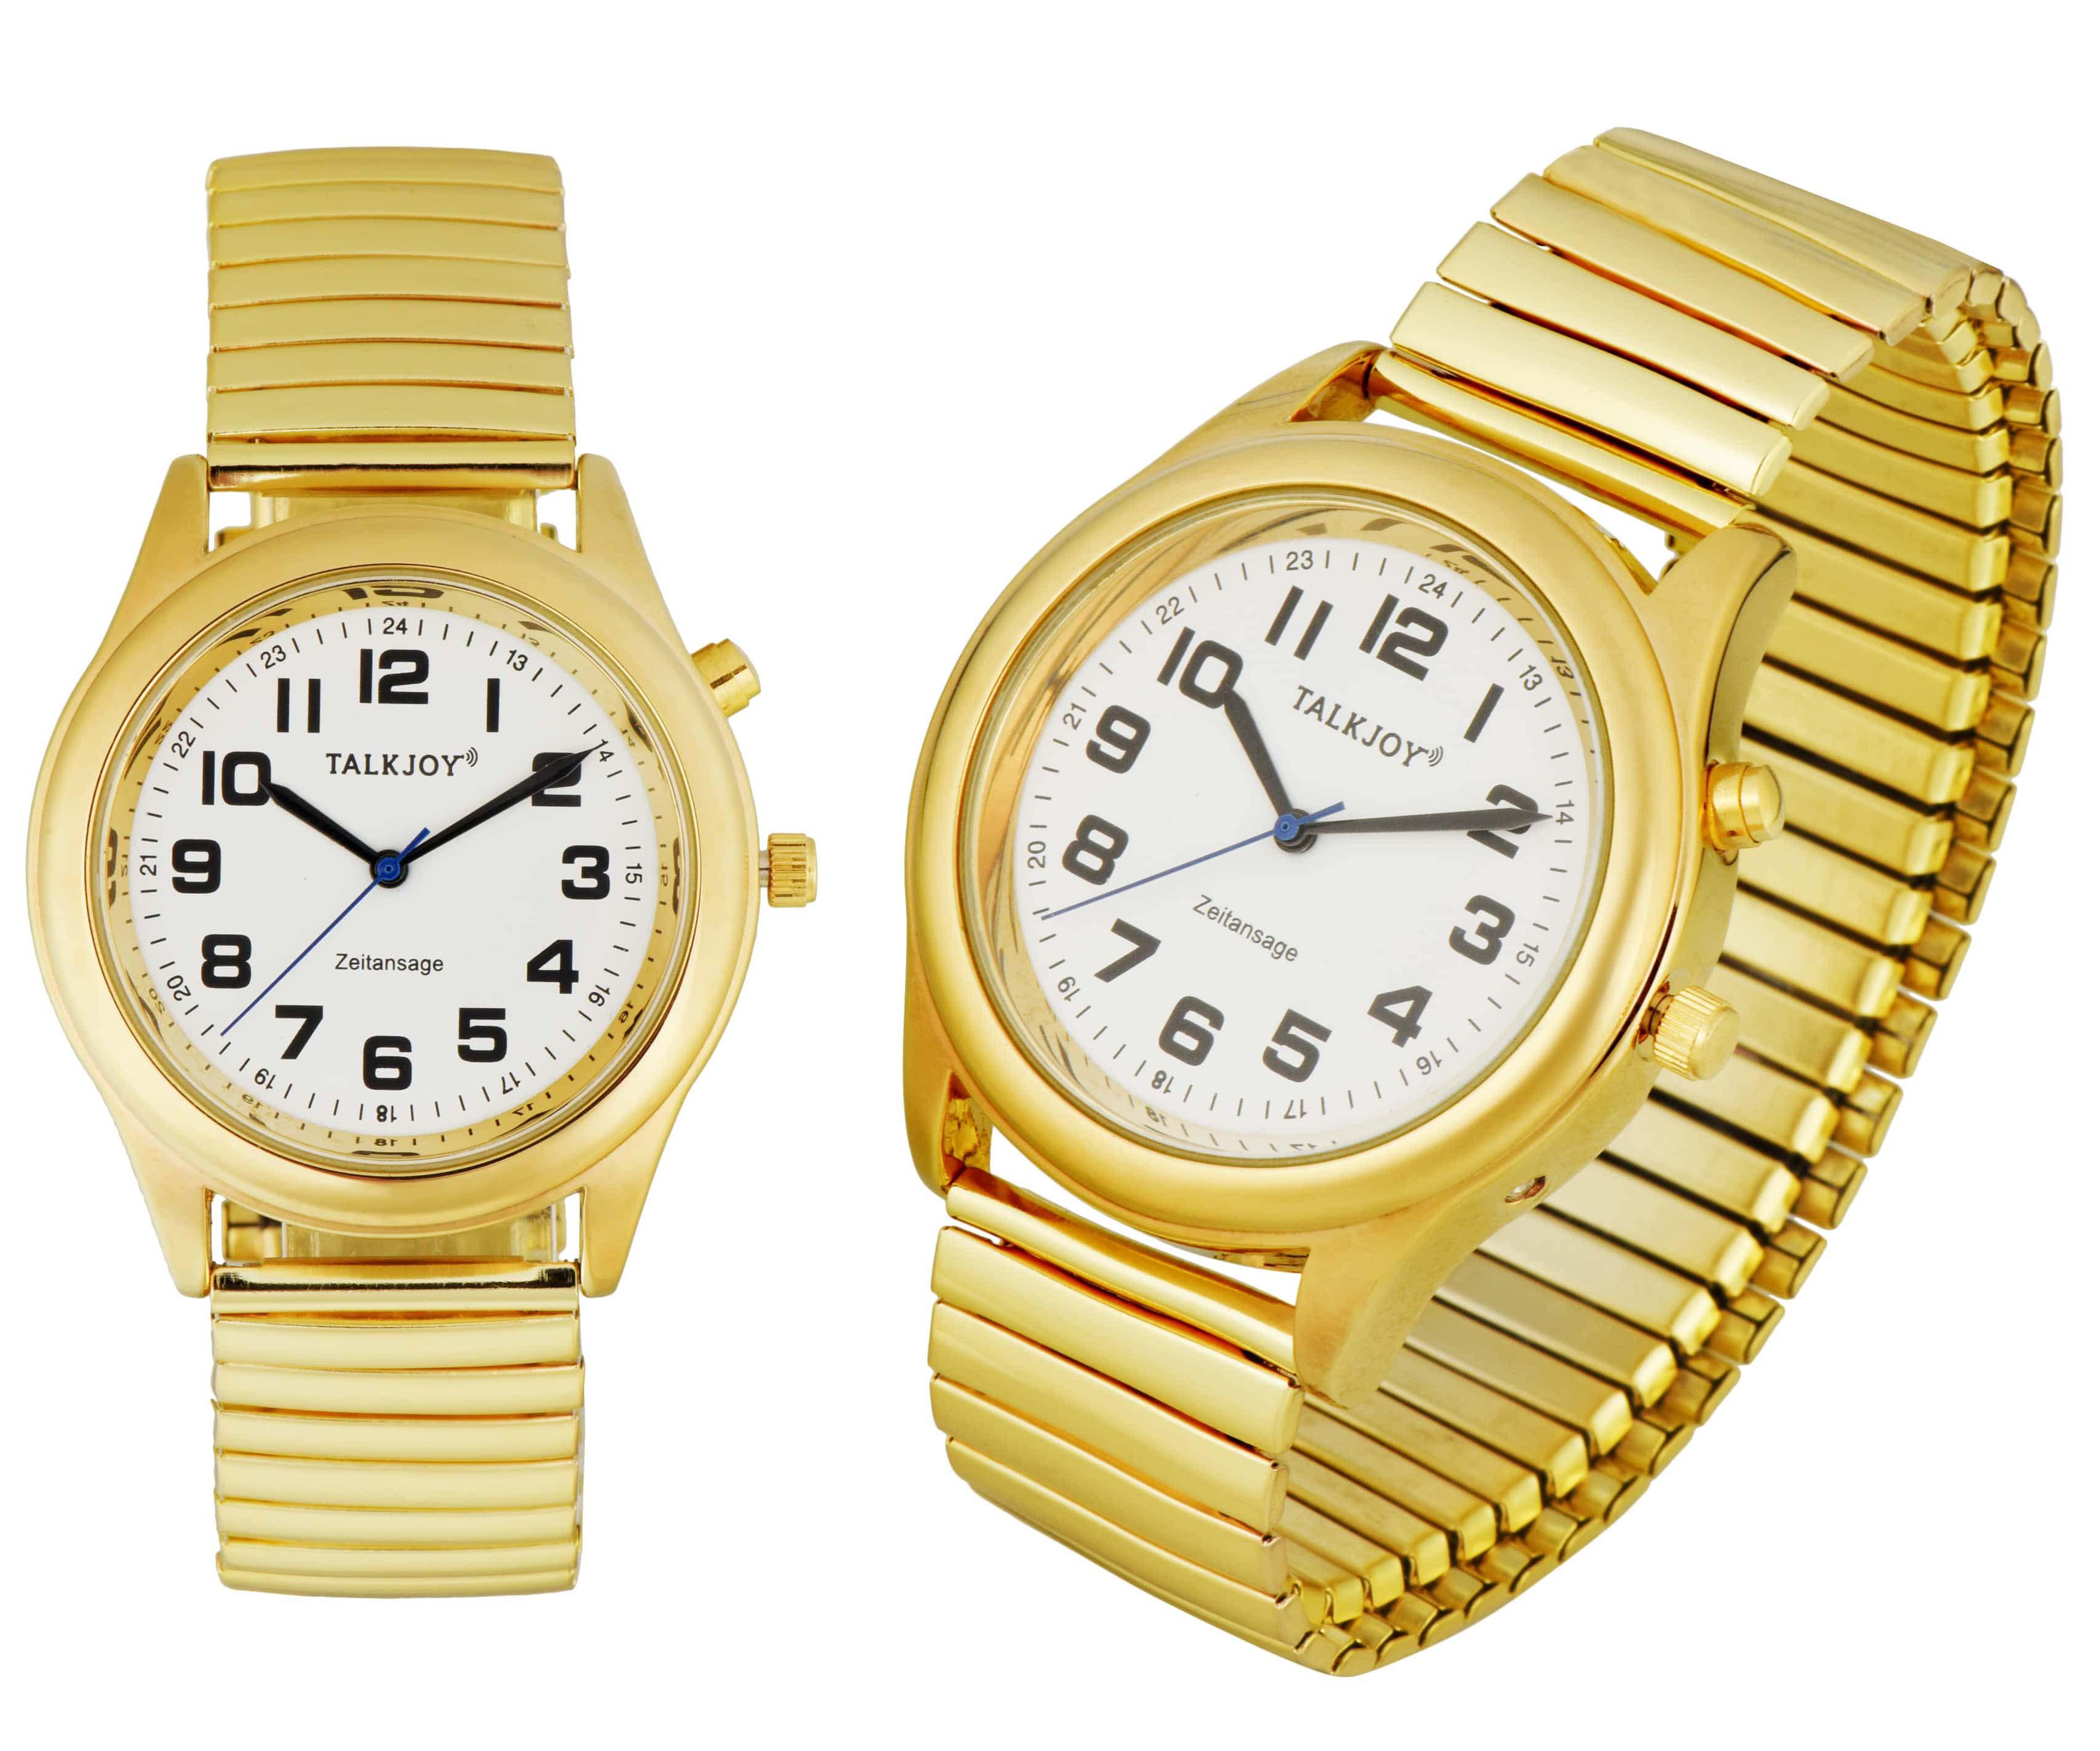 PREMIUM Damen Sprechende Armbanduhr GOLDENE Uhr Senioren Blindenuhr Zeitansage